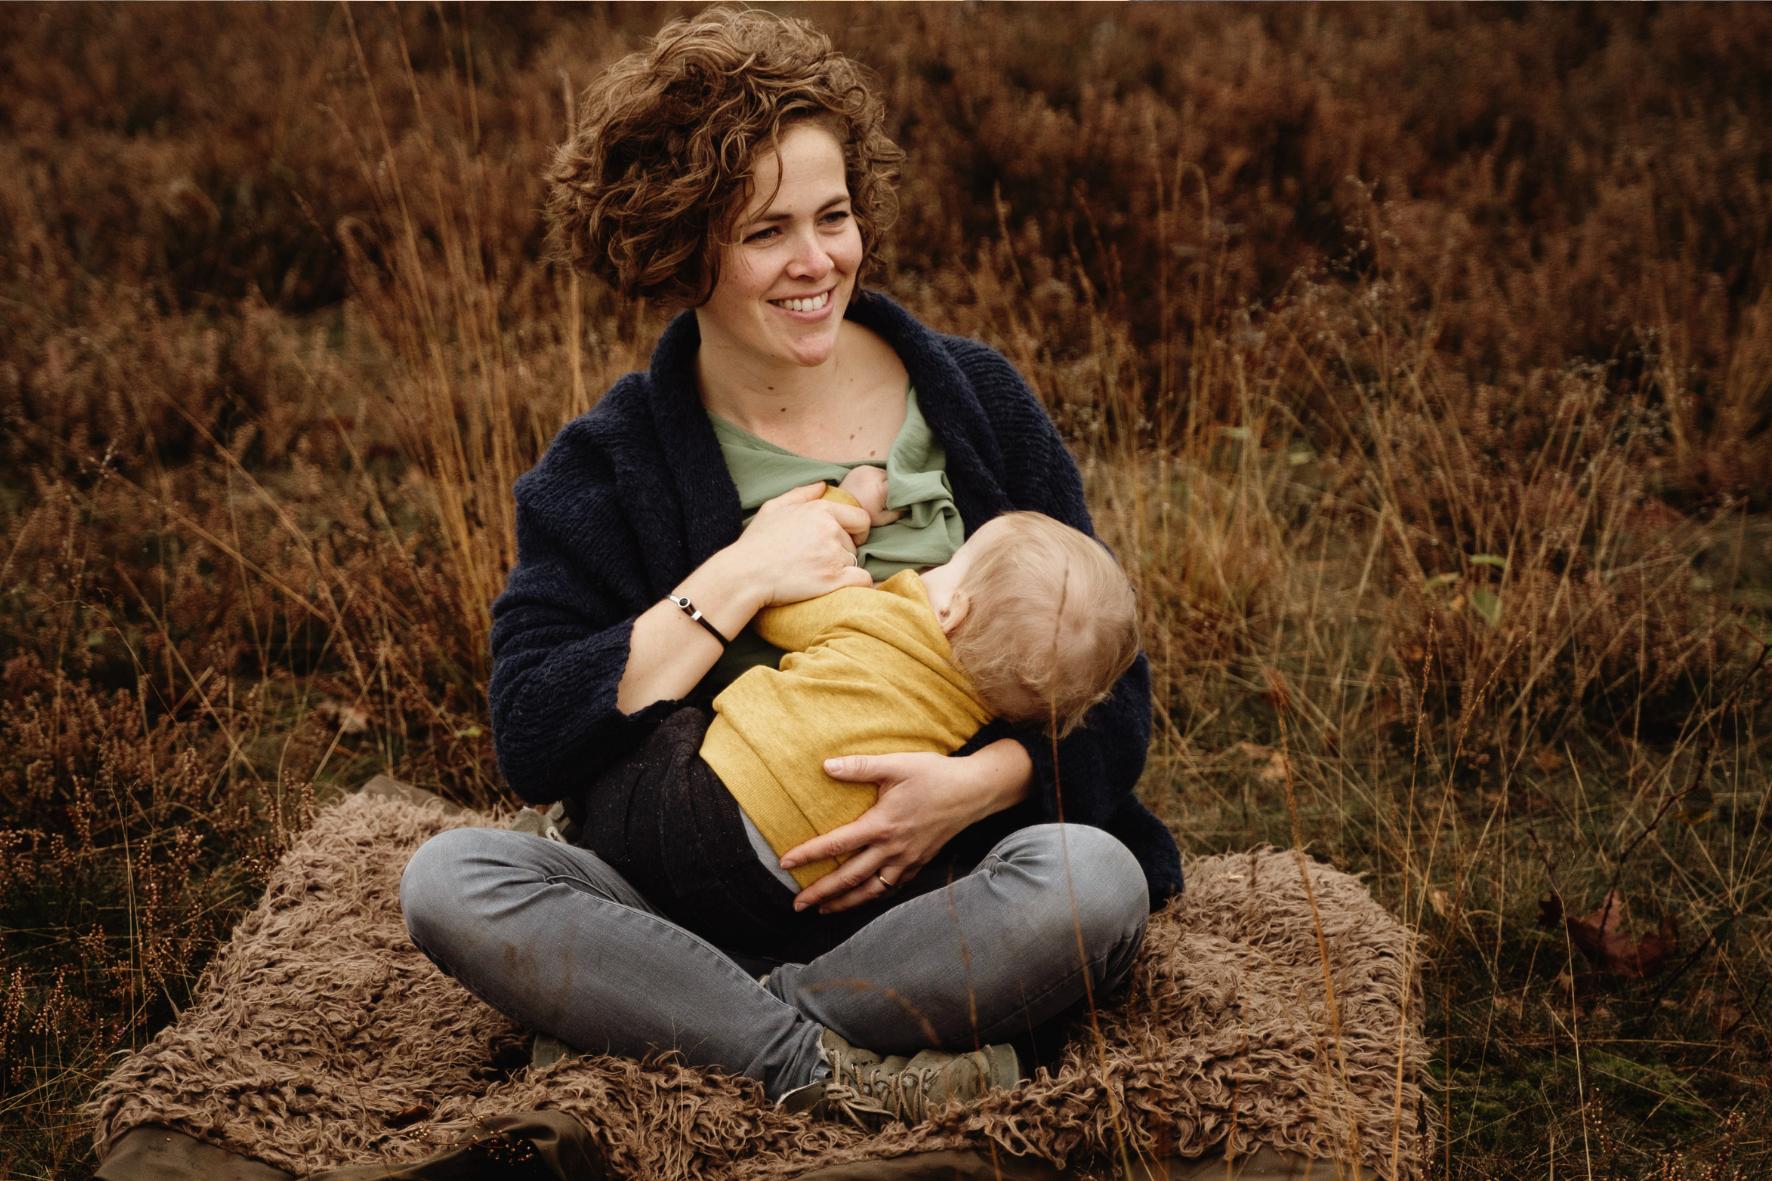 online cursusaanbod. Moeder geeft borstvoeding aan baby.